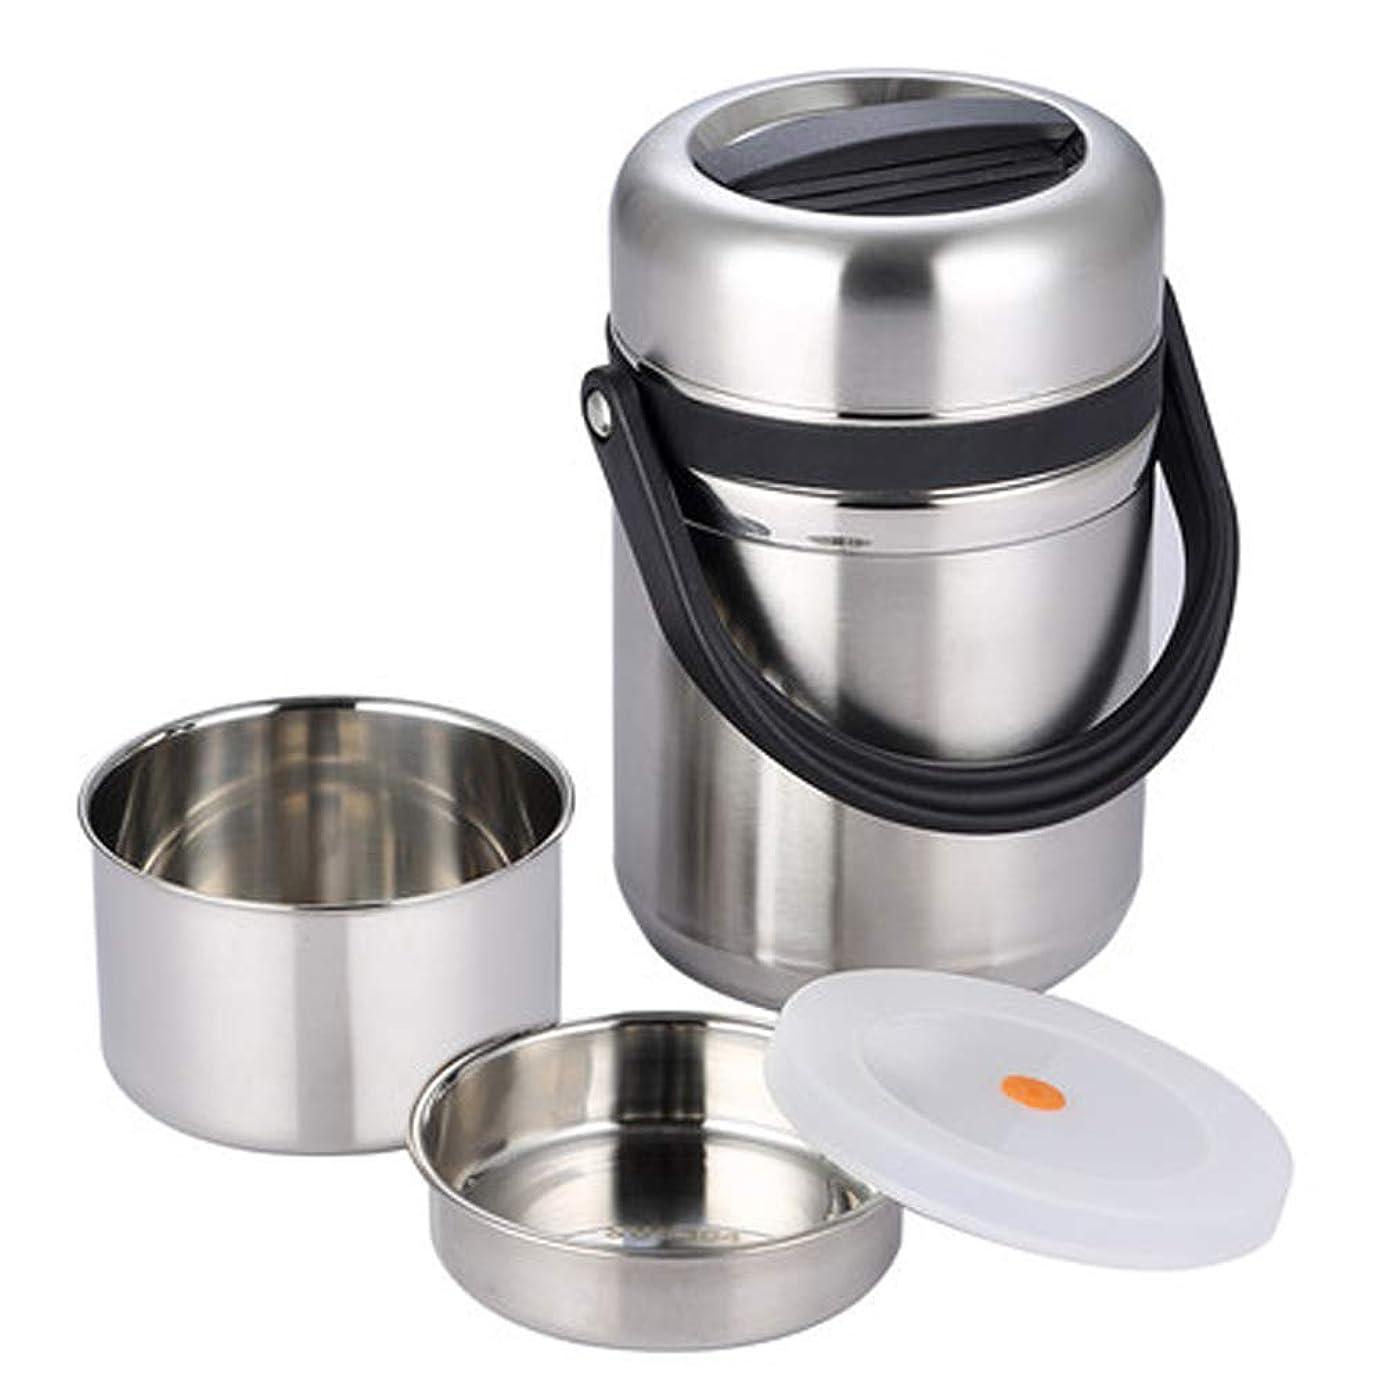 宴会備品導体オーバーフロー防止カバー付き3層ステンレス鋼真空断熱ランチボックス、断熱食品容器、滑り止め、耐傷性、耐久性